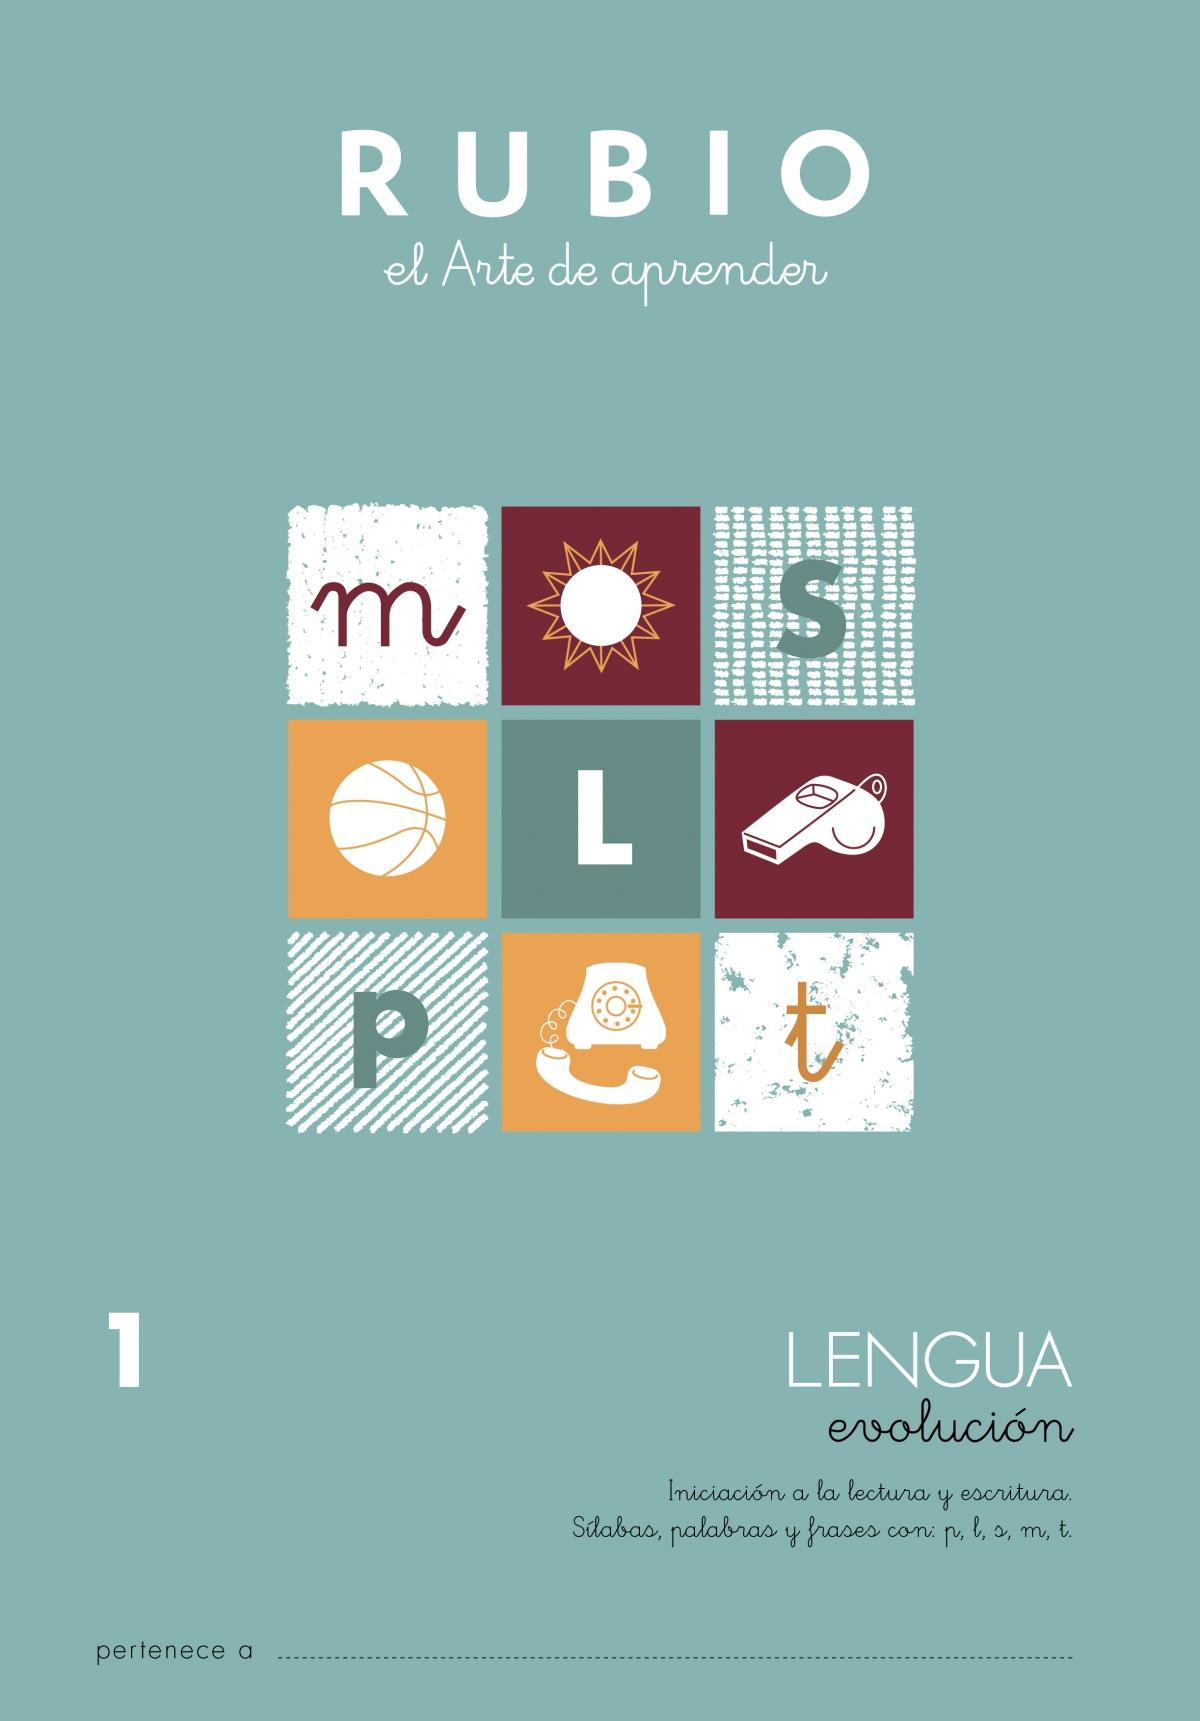 Lengua Evolución 1 Iniciación A La Lectura Y Escritura Sílabas Palabras Y Frases Conplsmt Rubio Lengua